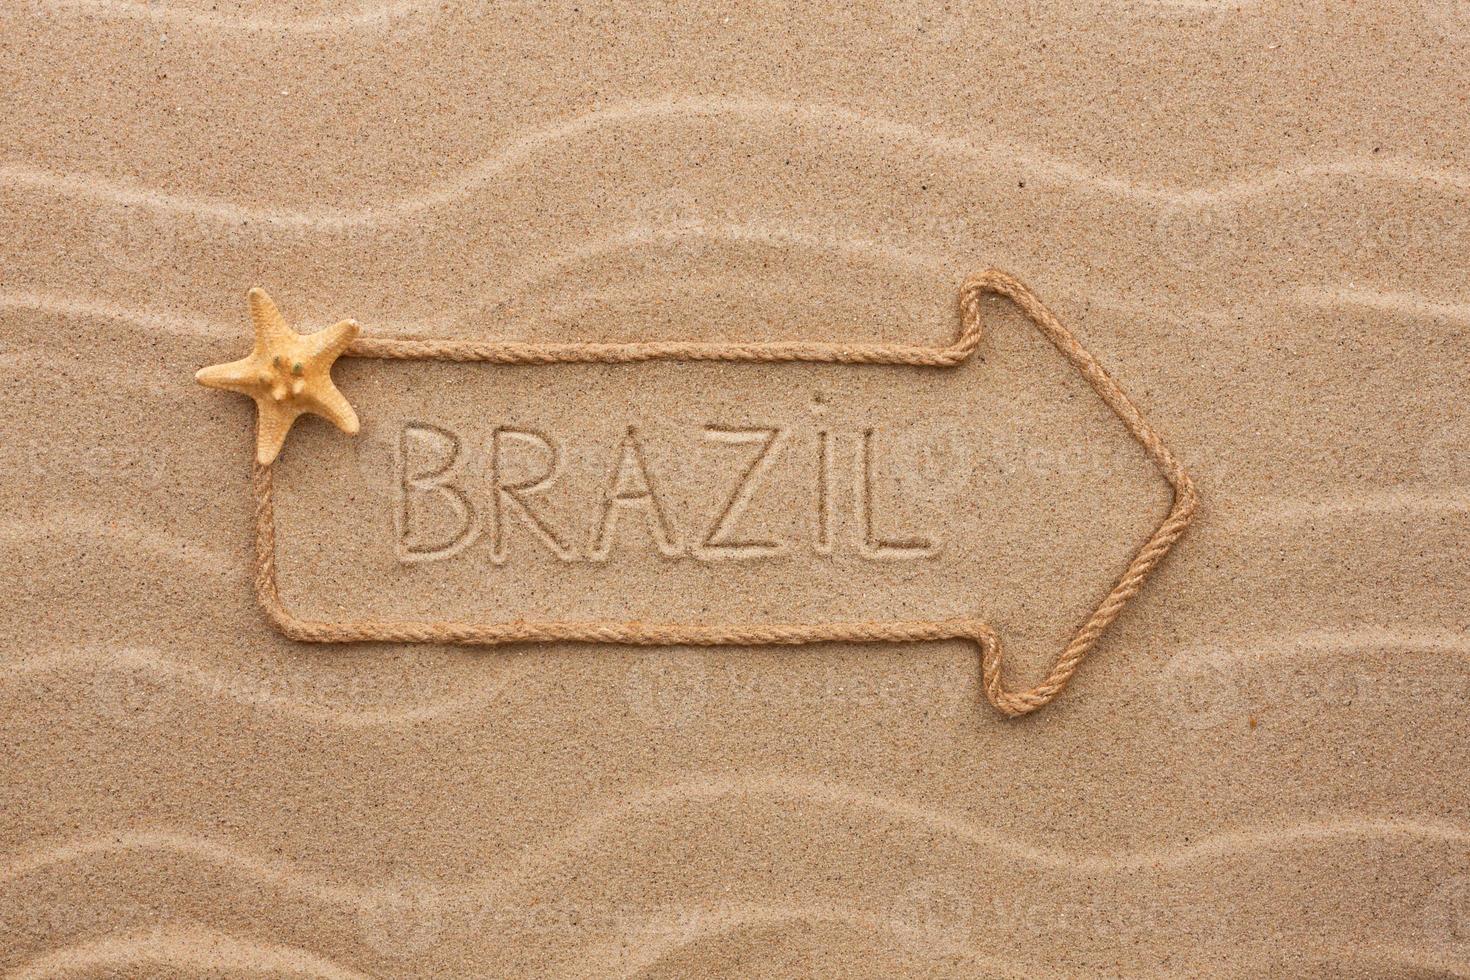 Pfeilseil mit dem Wort Brasilien auf dem Sand foto